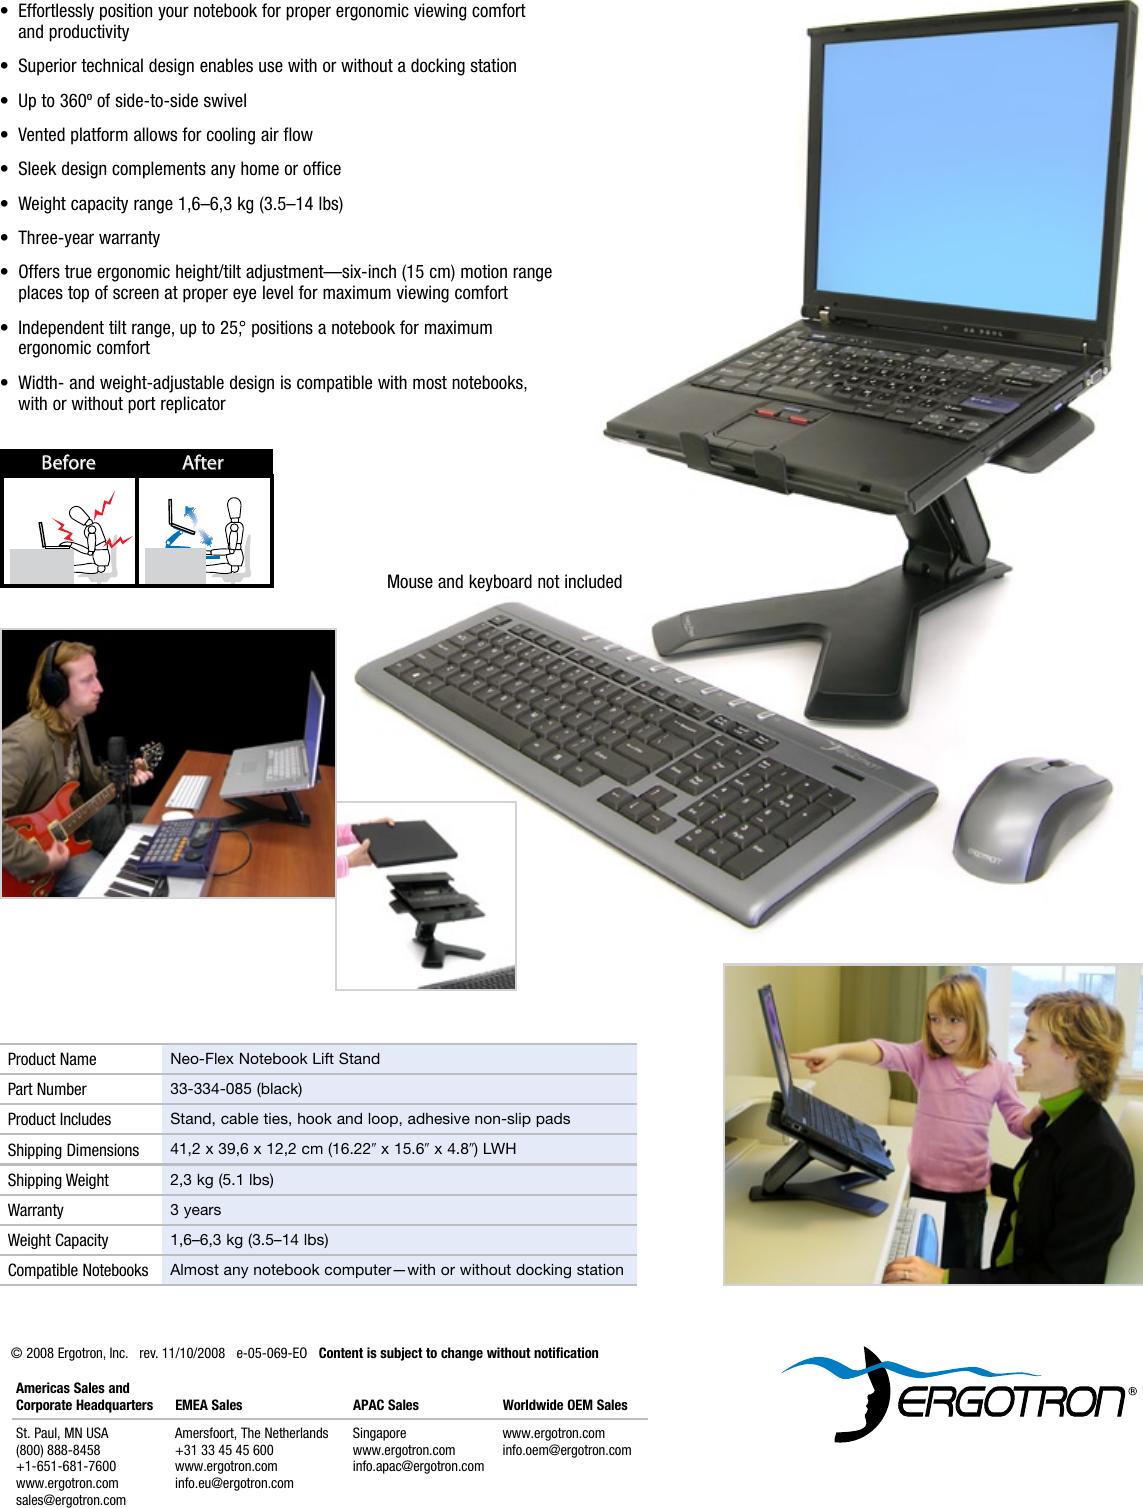 Black Ergotron 33-334-085 Ergotron Neo-Flex Notebook Lift Stand